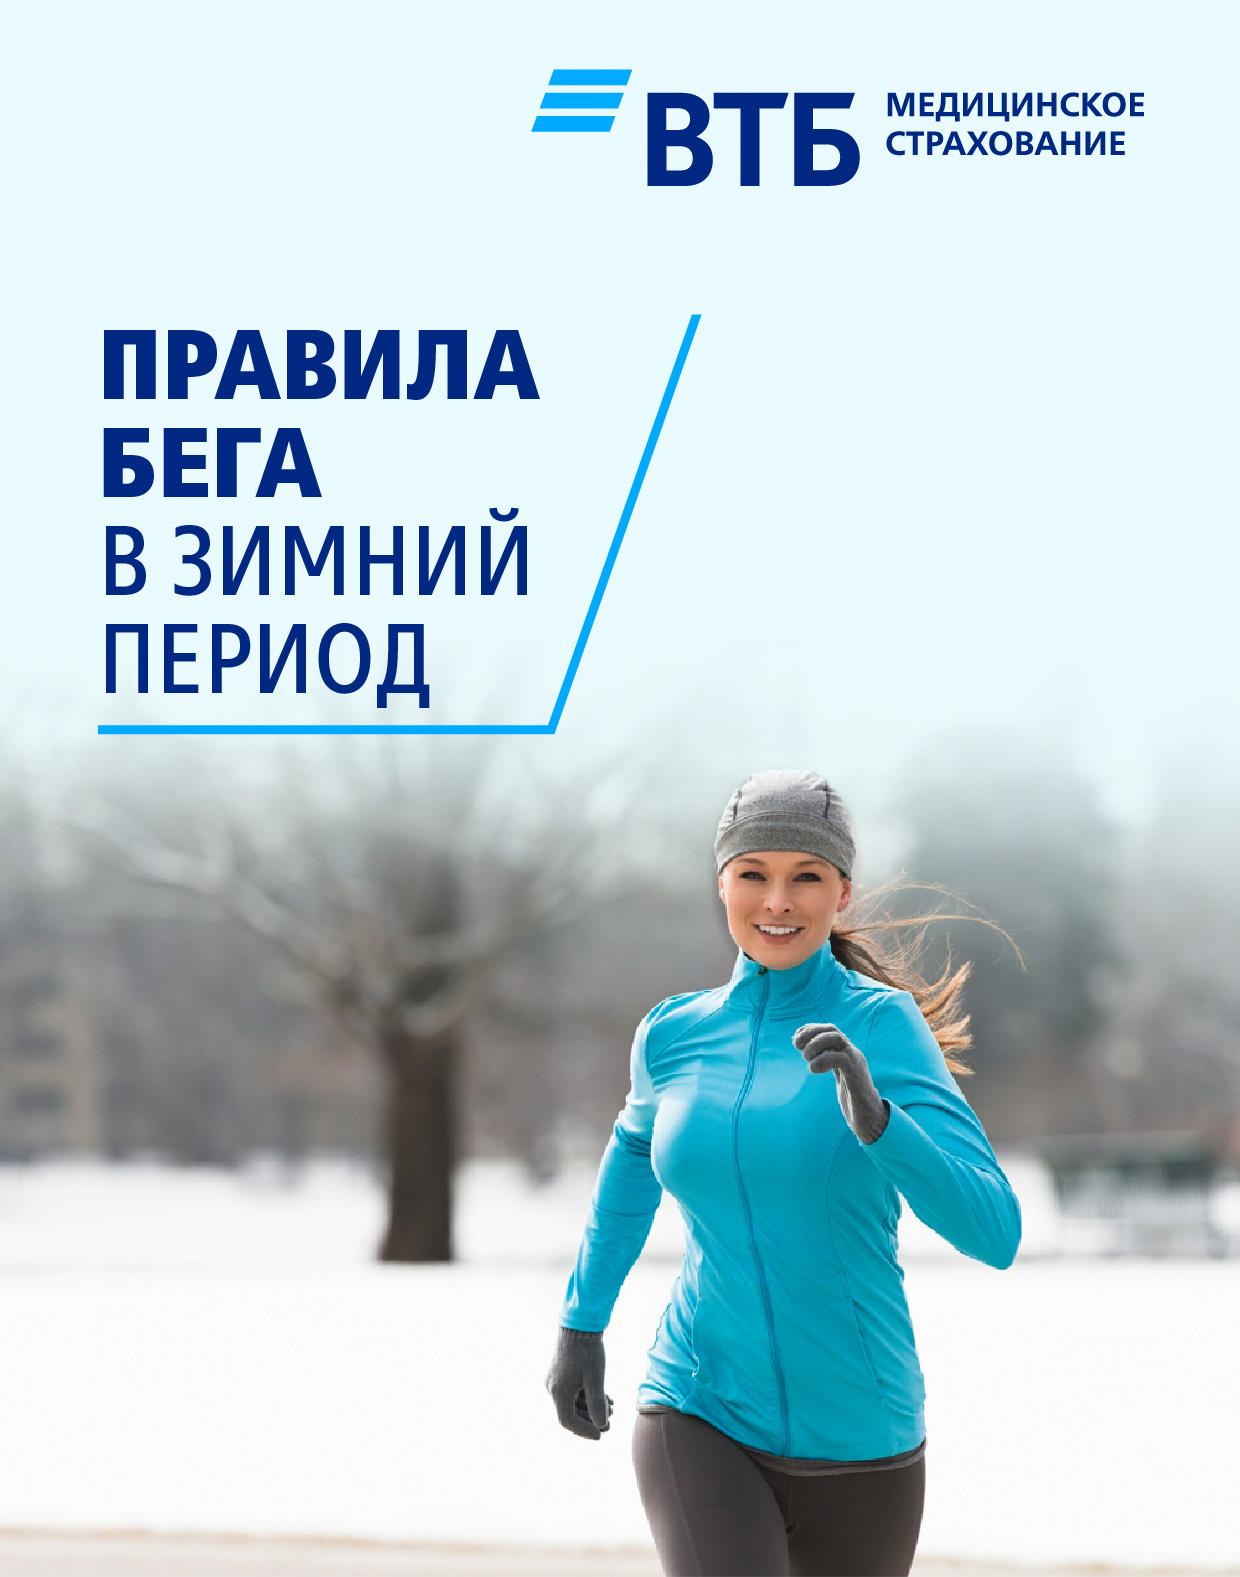 Правила бега в зимний период